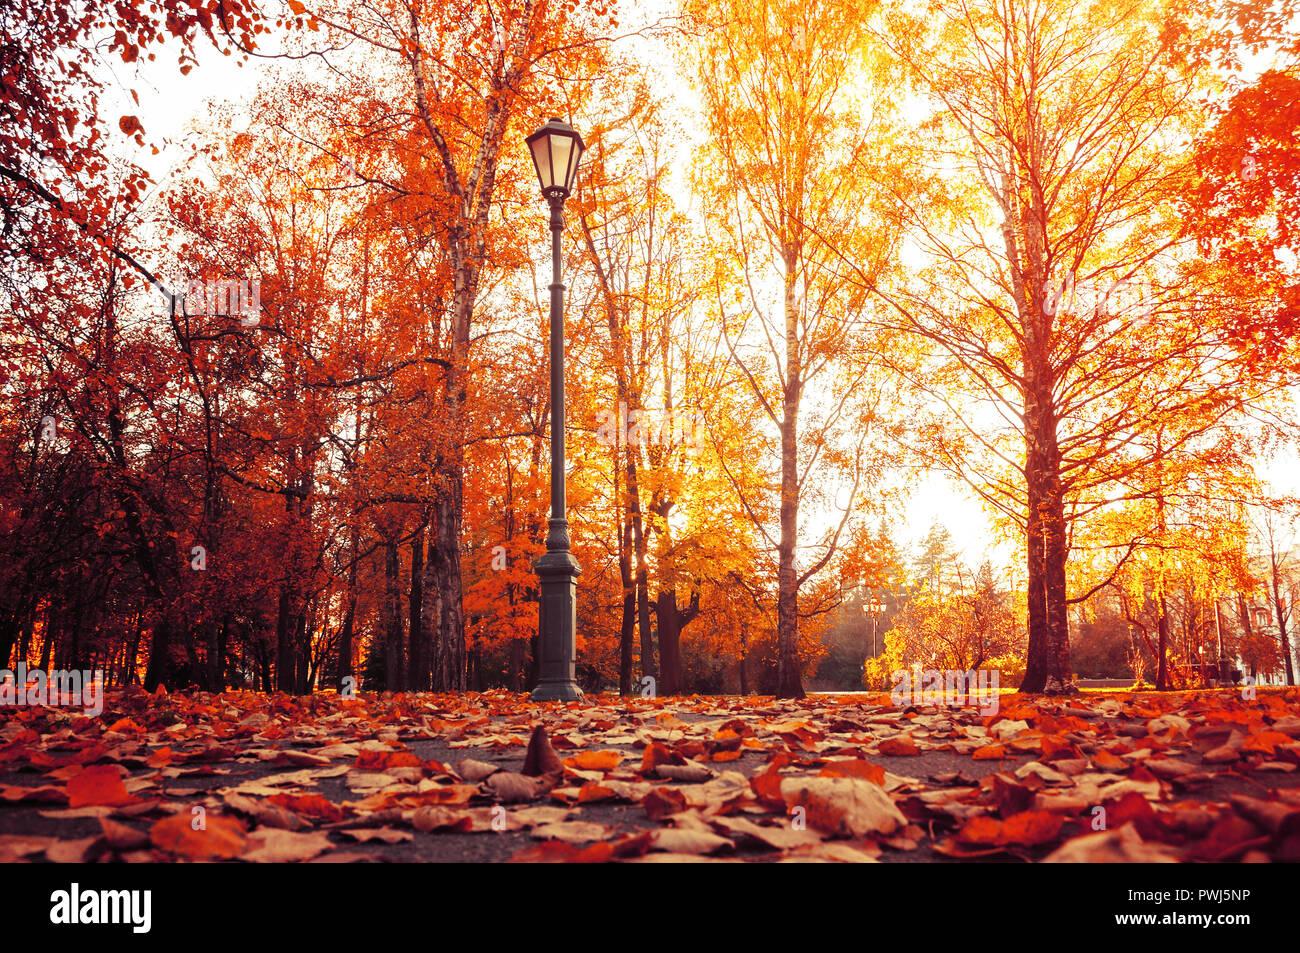 Ciudad Paisaje de otoño. Árboles de otoño en otoño soleado parque iluminado por el sol y caído hojas de arce en el primer plano. Escena de otoño del parque de la ciudad Foto de stock